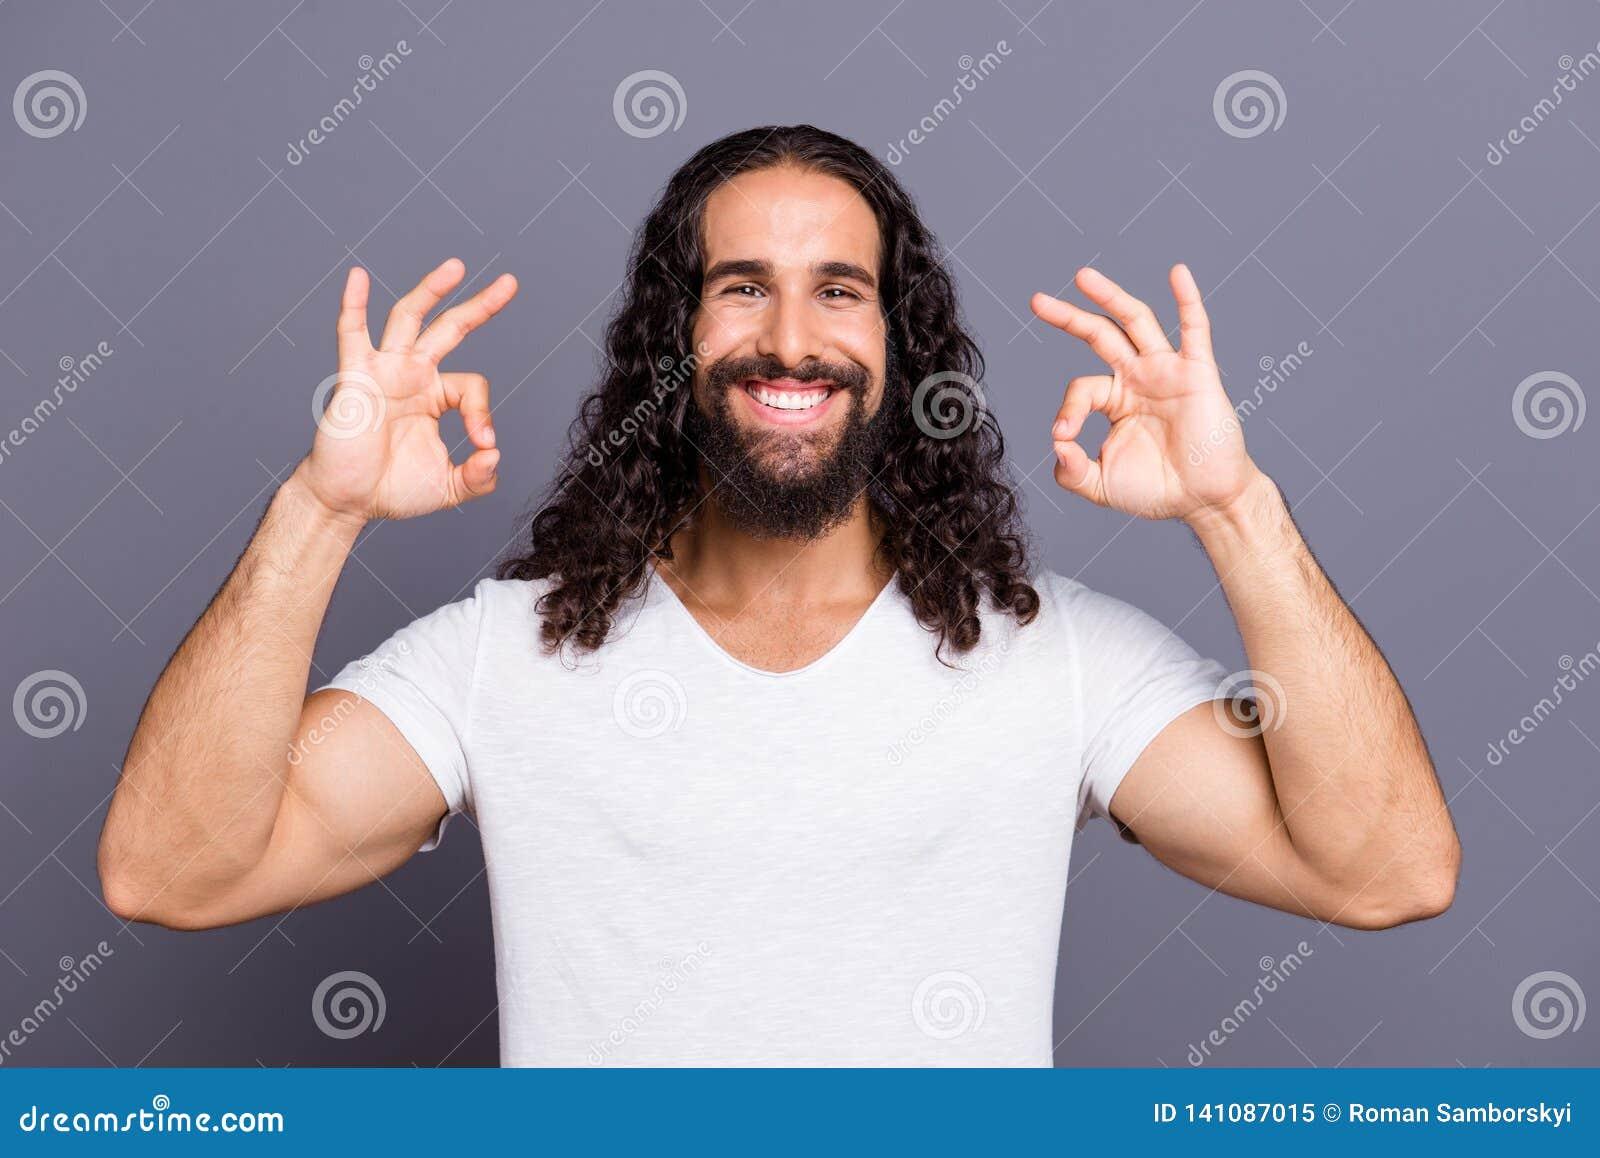 Πορτρέτο δικοί του αυτός συμπαθητικός δροσερός καλλωπισμένος ελκυστικός εύθυμος χαρωπός αισιόδοξος ευτυχής κατσαρός τύπος που παρ